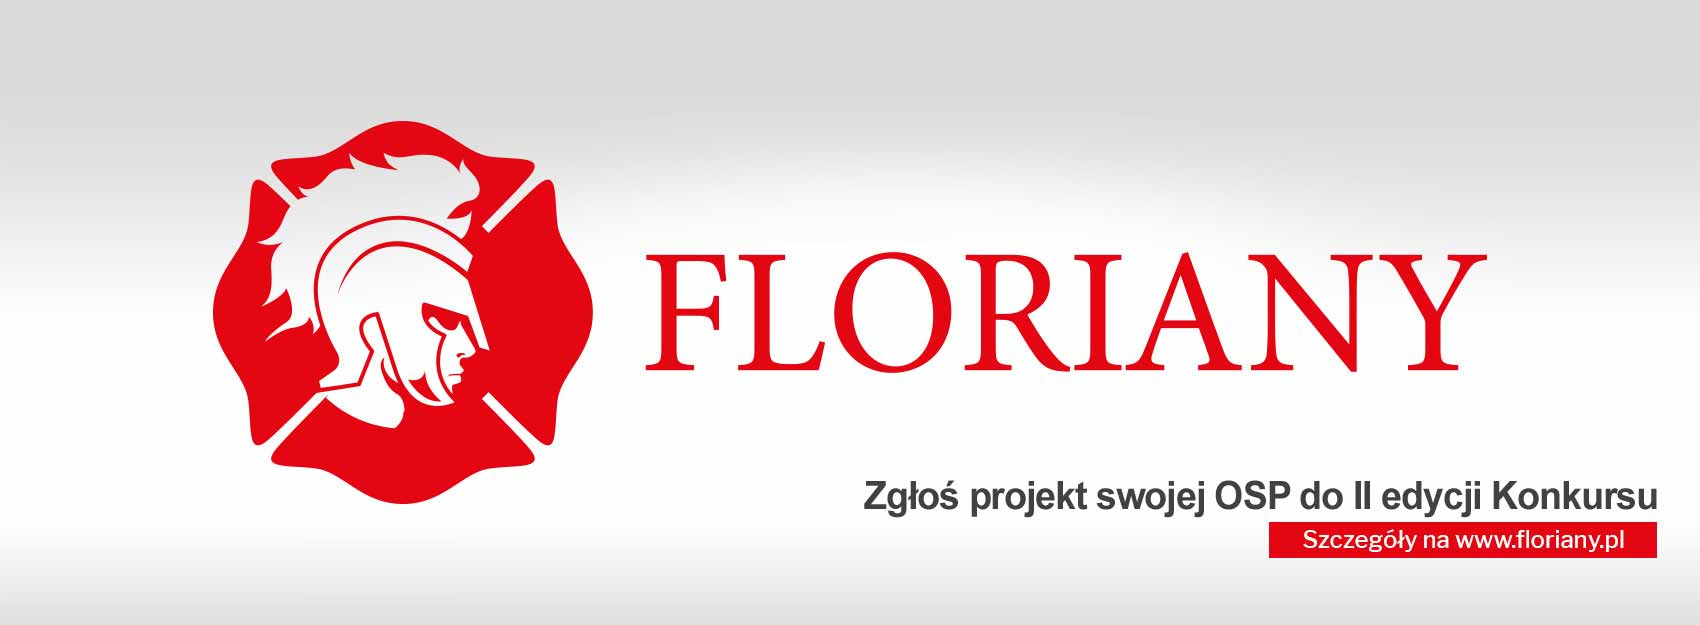 Poznajcie dwanaście kategorii II edycji Konkursu FLORIANY